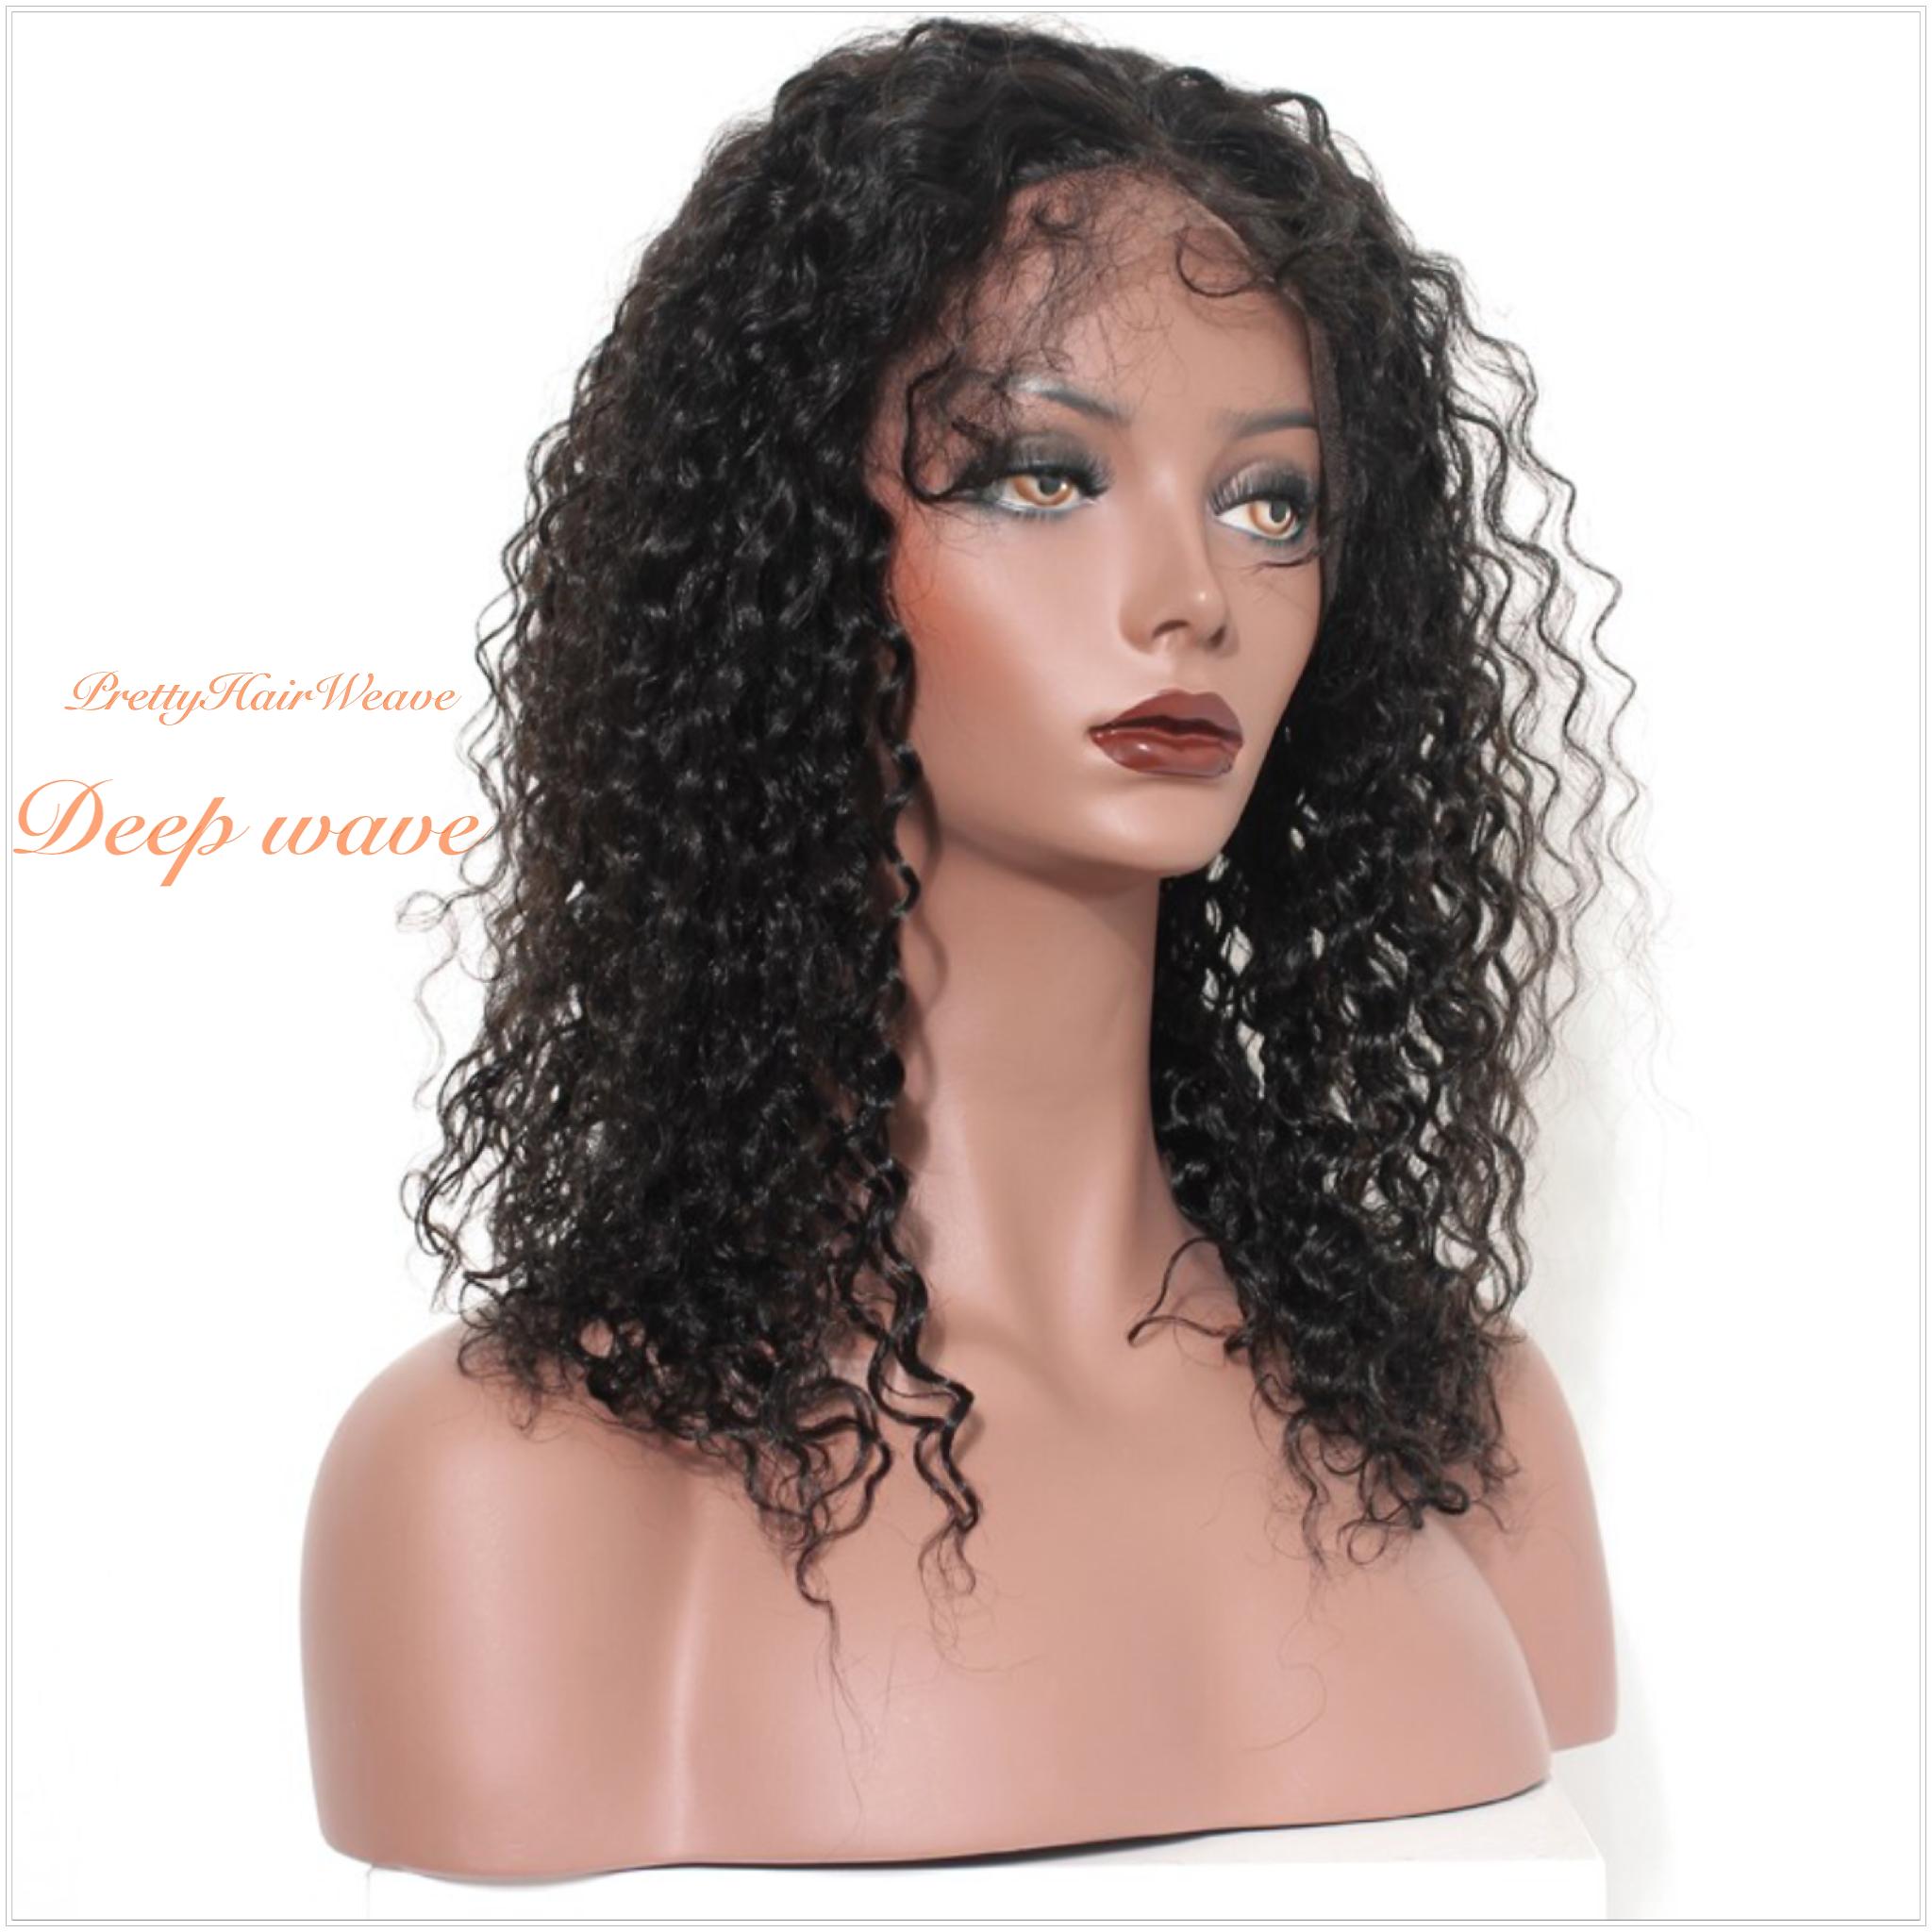 Prettyhairweave Lace Frontal Wig 16